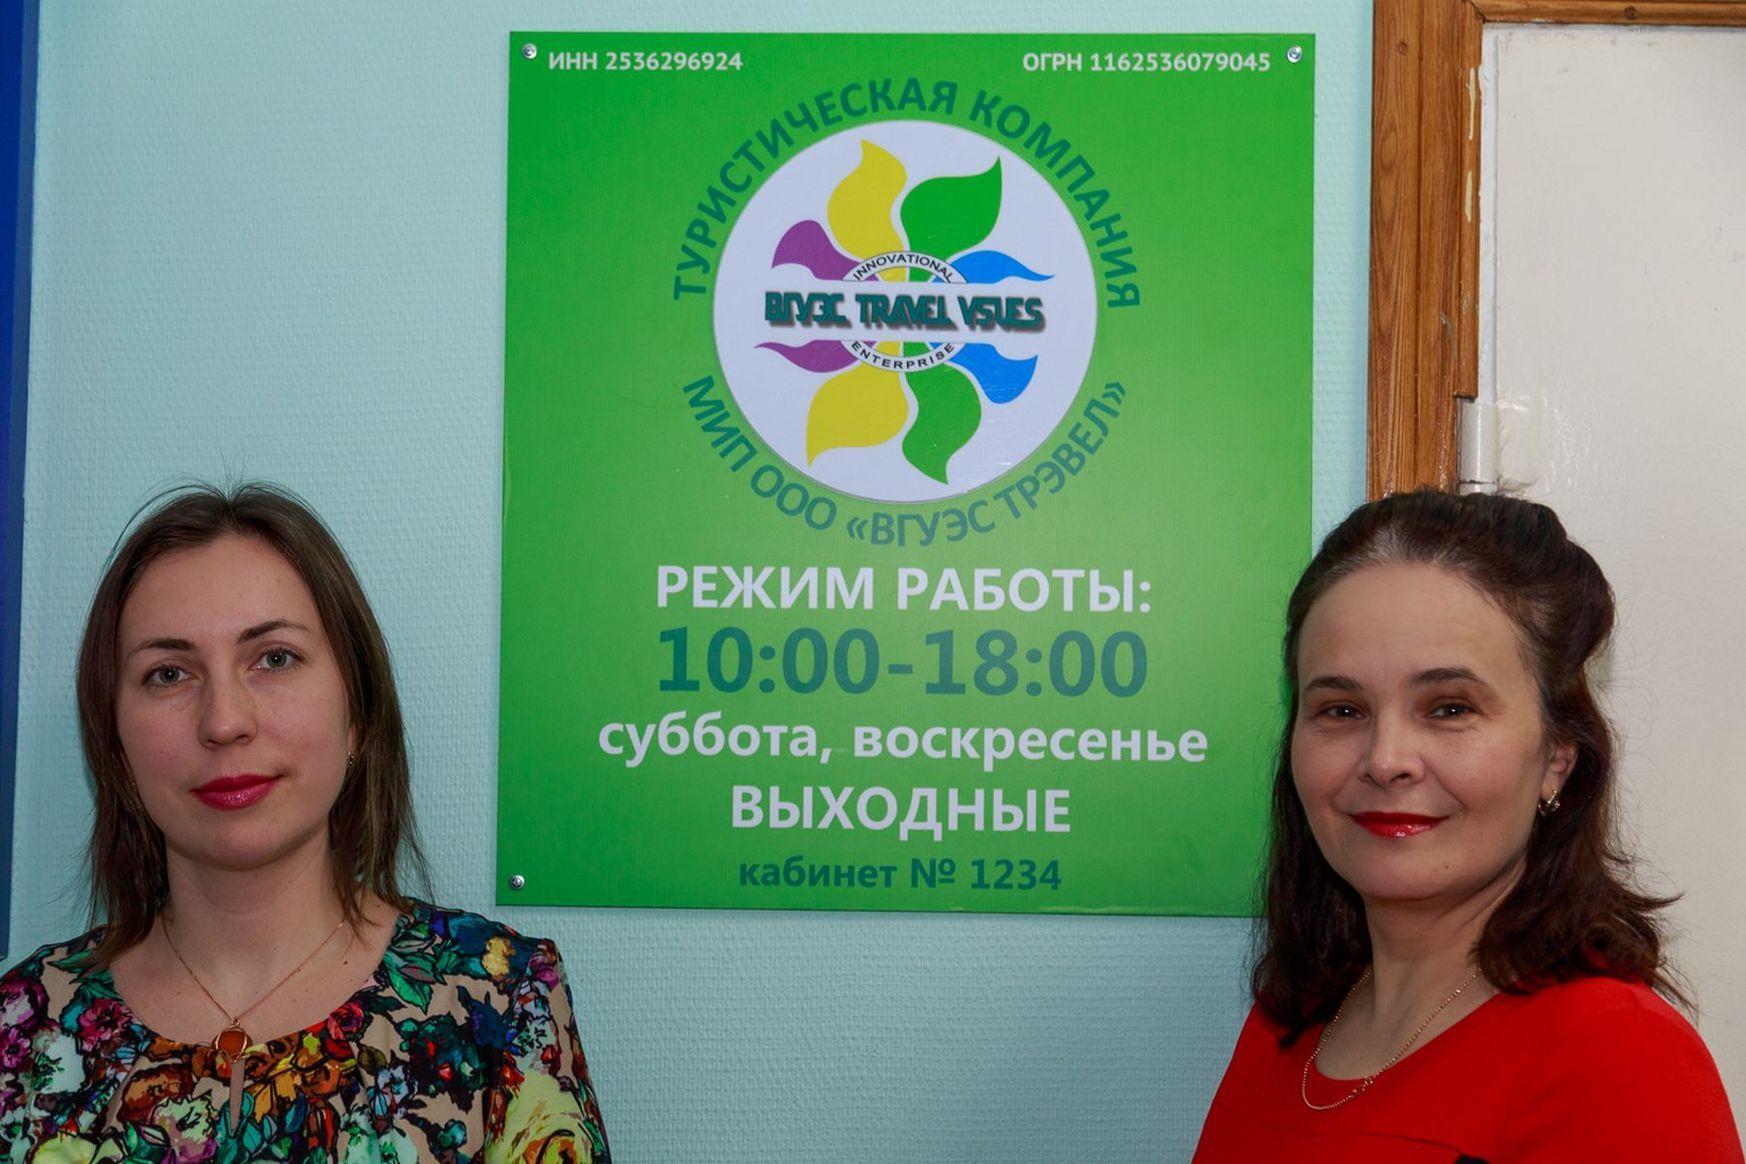 В университете начало работу малое инновационное предприятие ООО «ВГУЭС ТРЭВЕЛ»